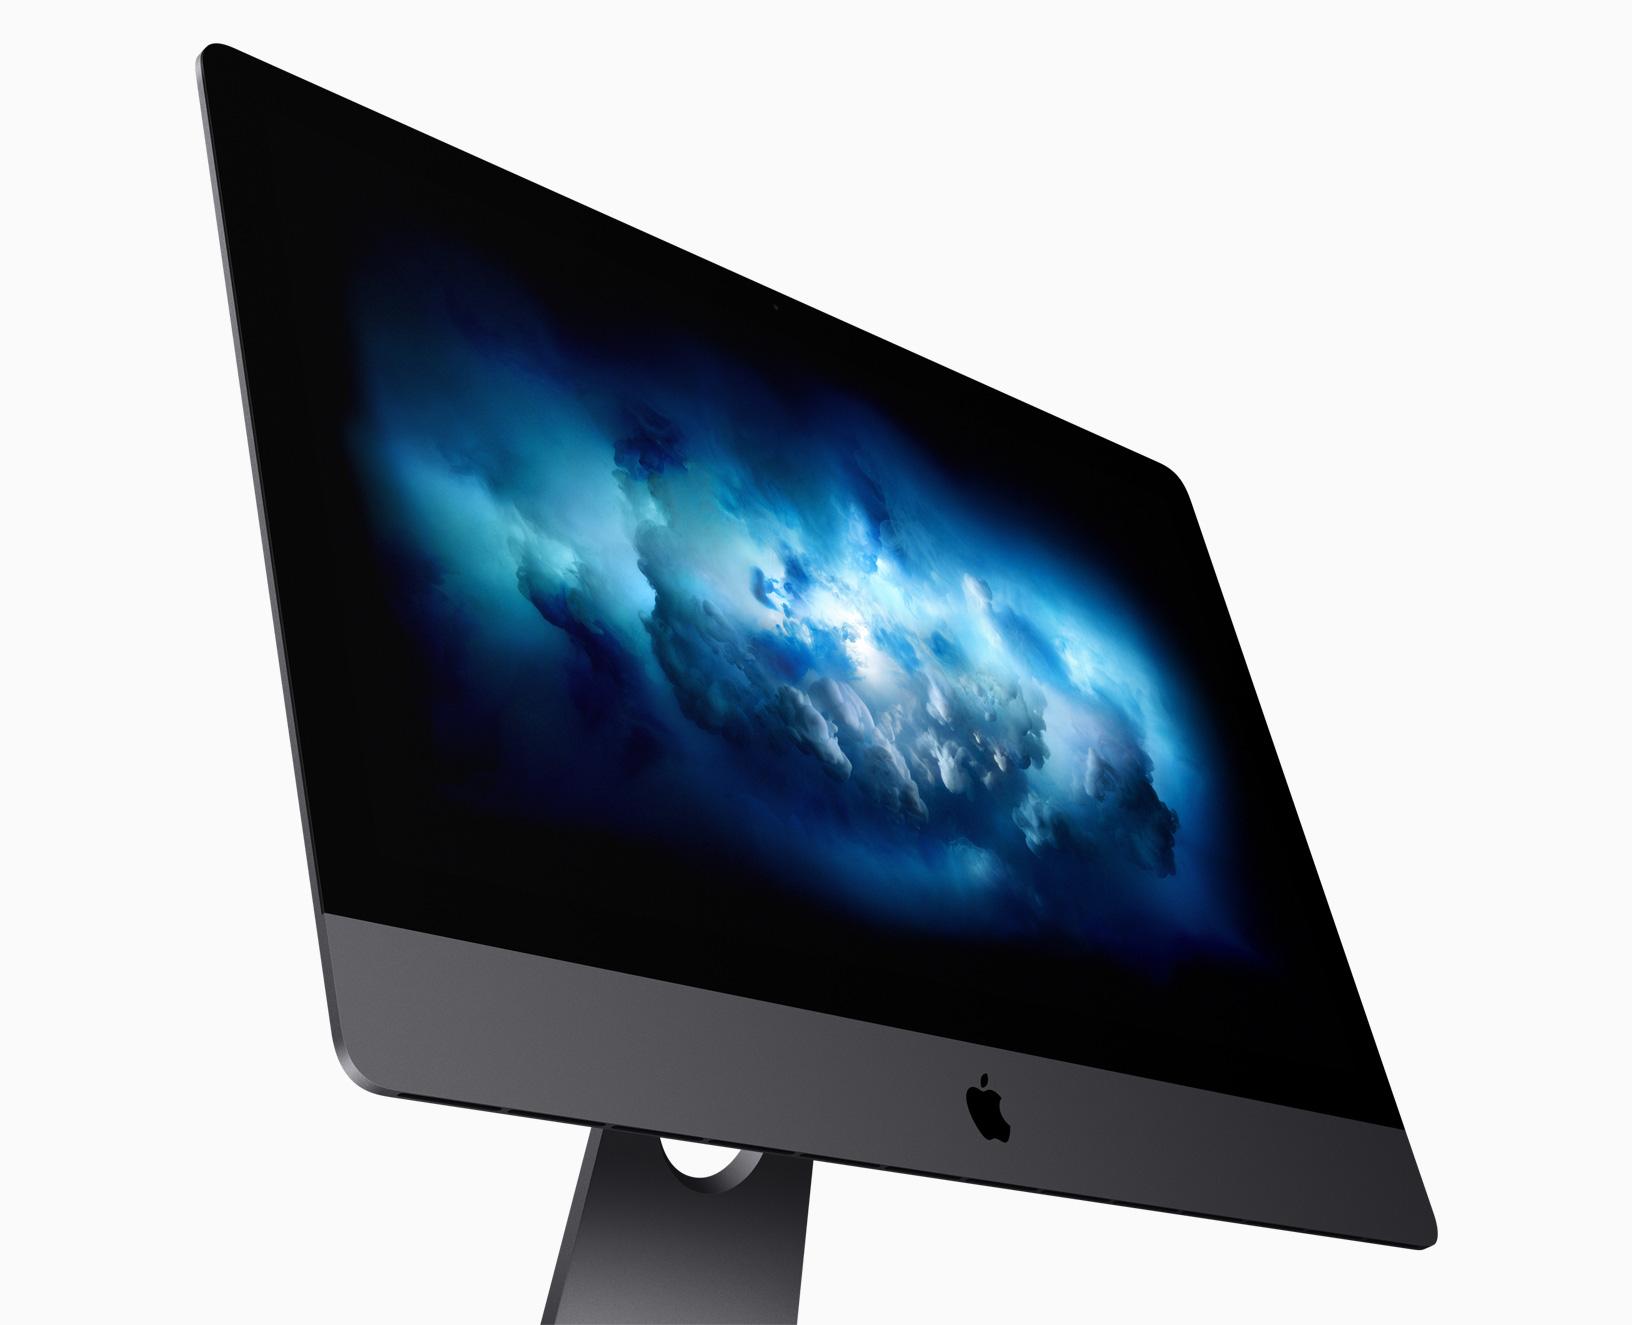 Mesurant 5 mm d'épaisseur, l'iMac Pro arbore une sublime nouvelle finition gris sidéral et est livré avec les accessoires assortis. «L'iMac Pro associe le splendide design de l'iMac et l'architecture professionnelle la plus puissante que nous ayons jamais conçue », explique John Ternus, vice president of Hardware Engineering d'Apple.